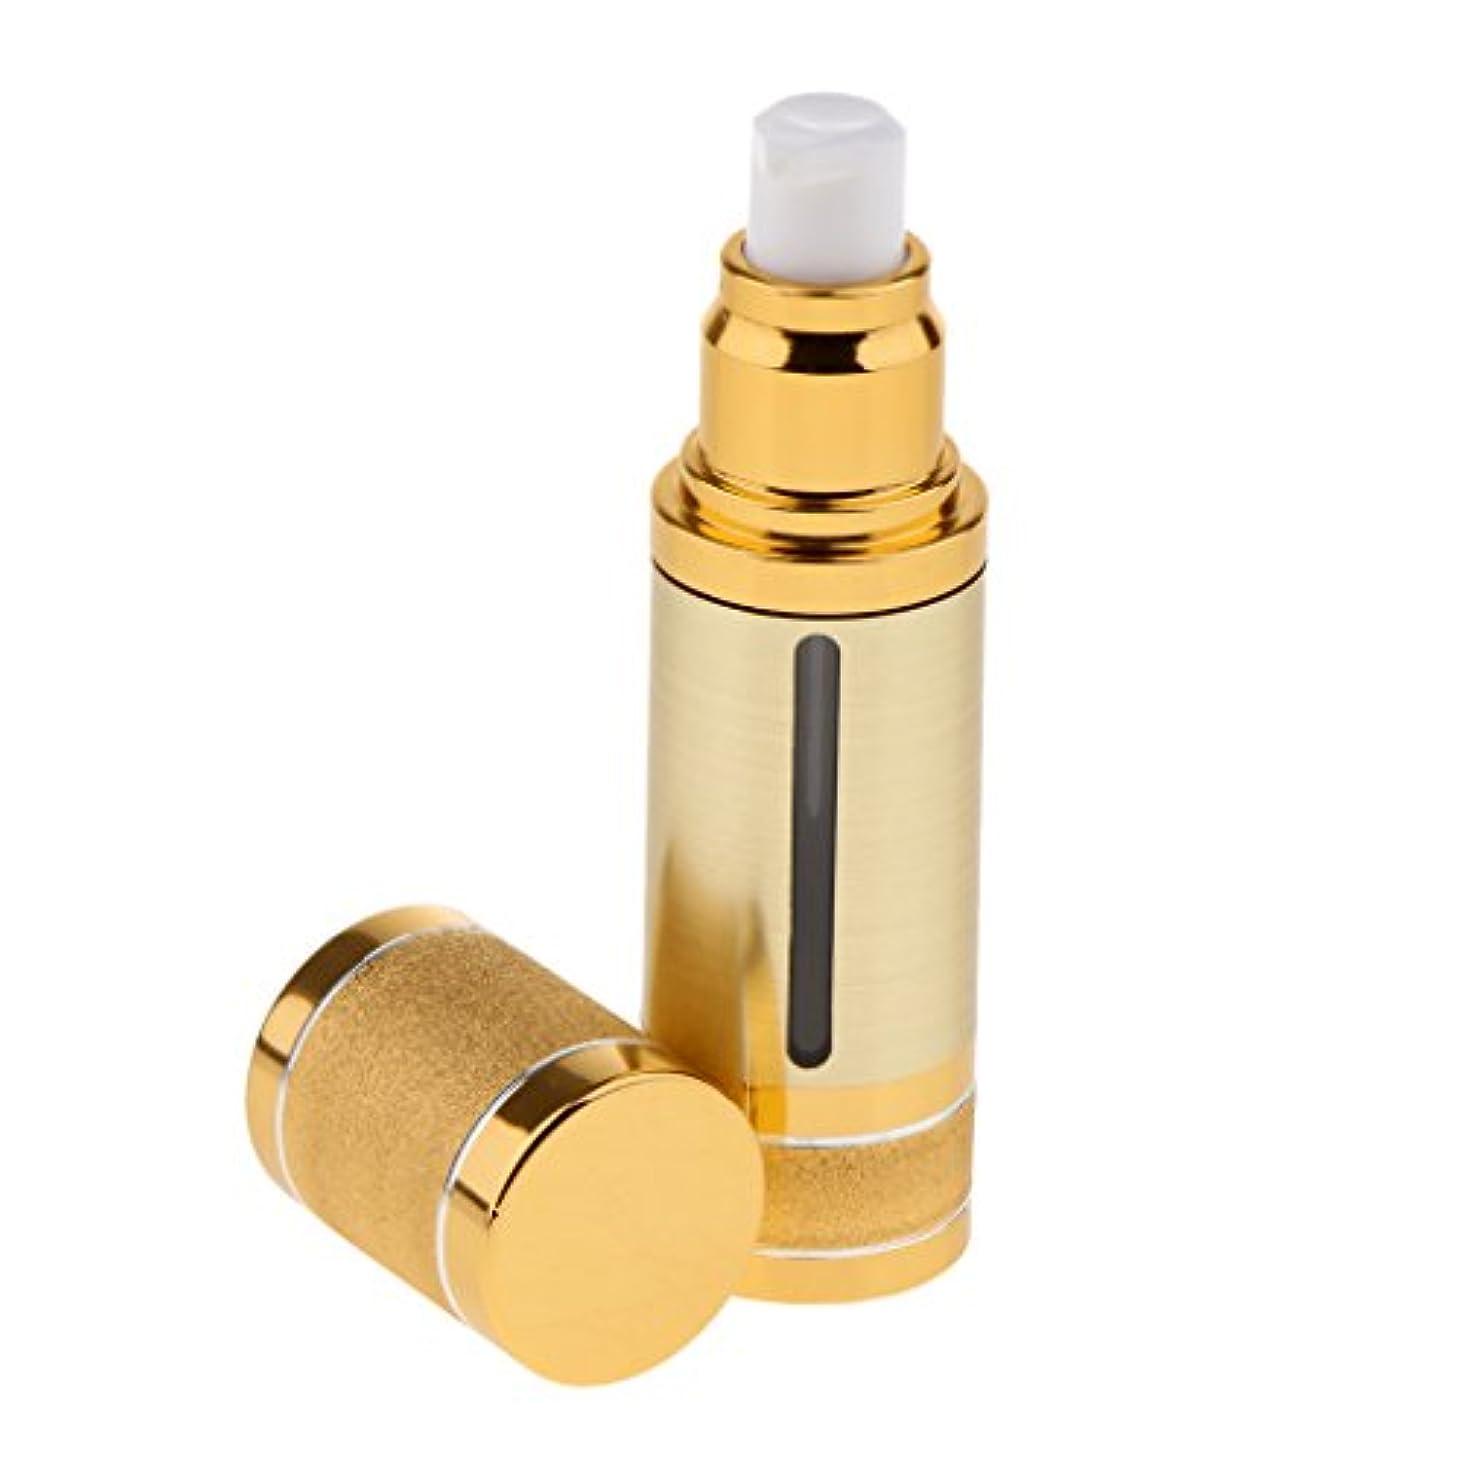 光の豪華なアパルポンプボトル 空ボトル エアレスボトル 30ml ローション クリーム 化粧品 詰め替え 容器 DIY 2色選べる - ゴールド